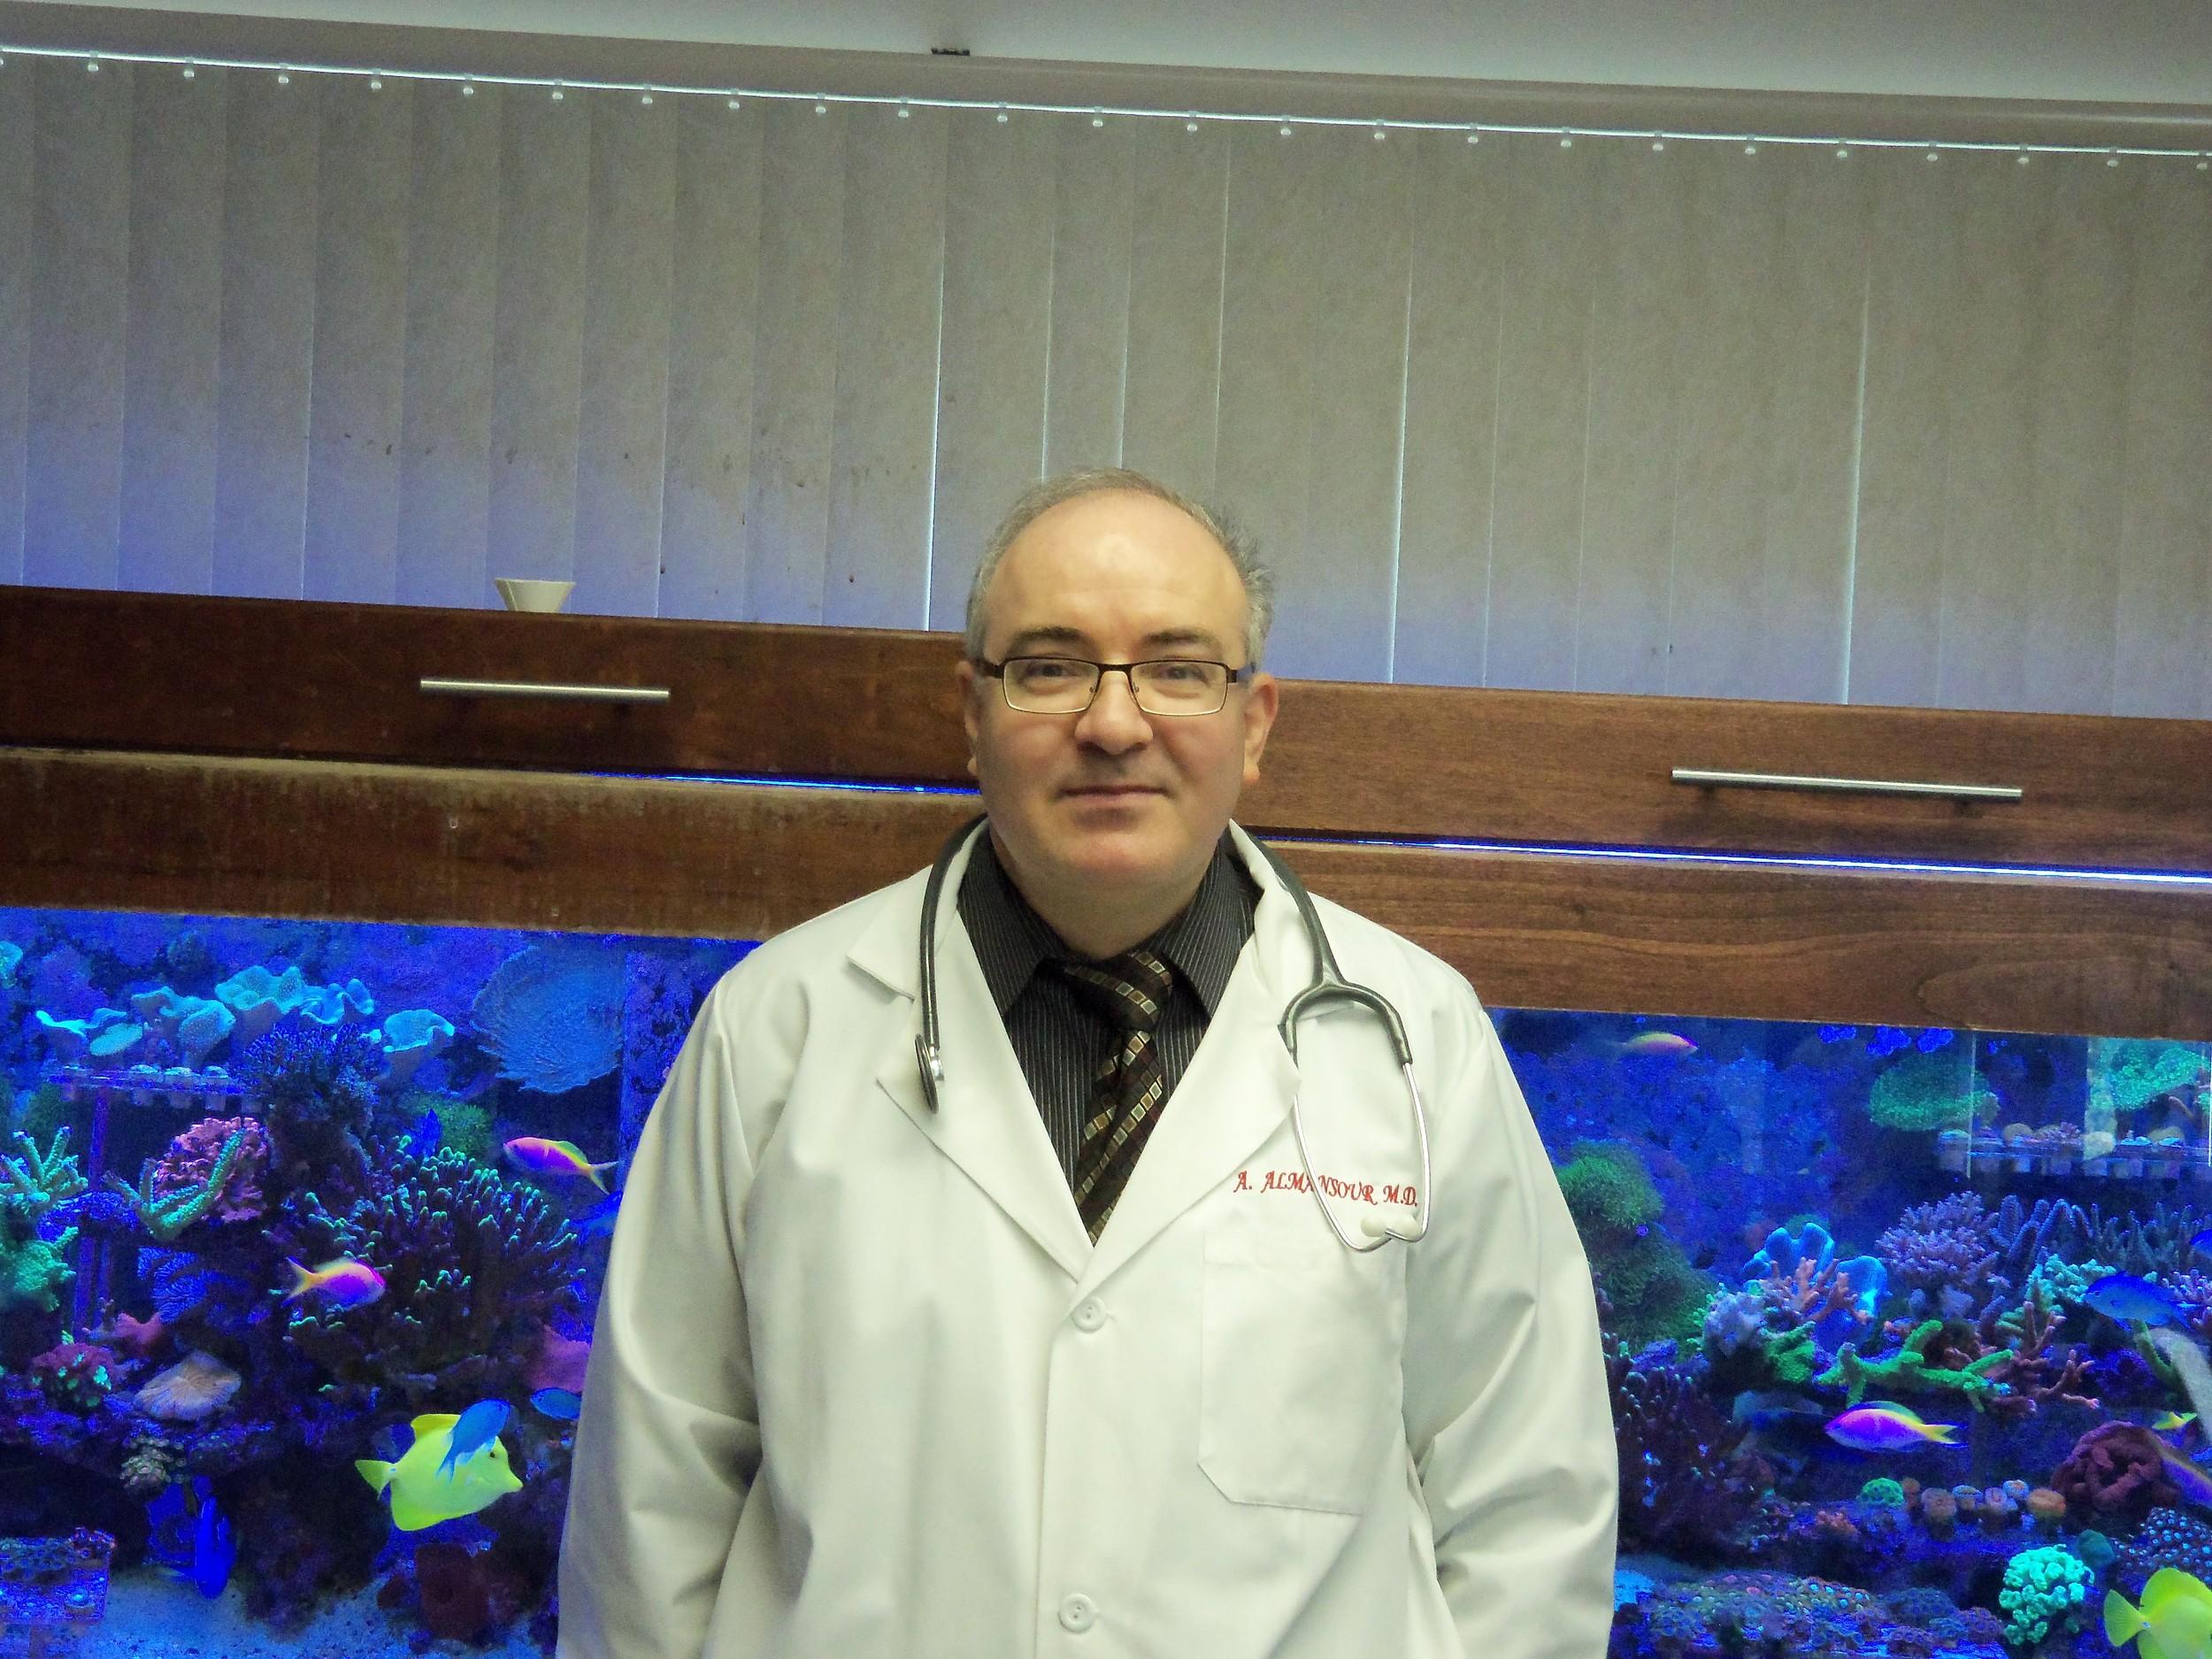 Dr. Almansour